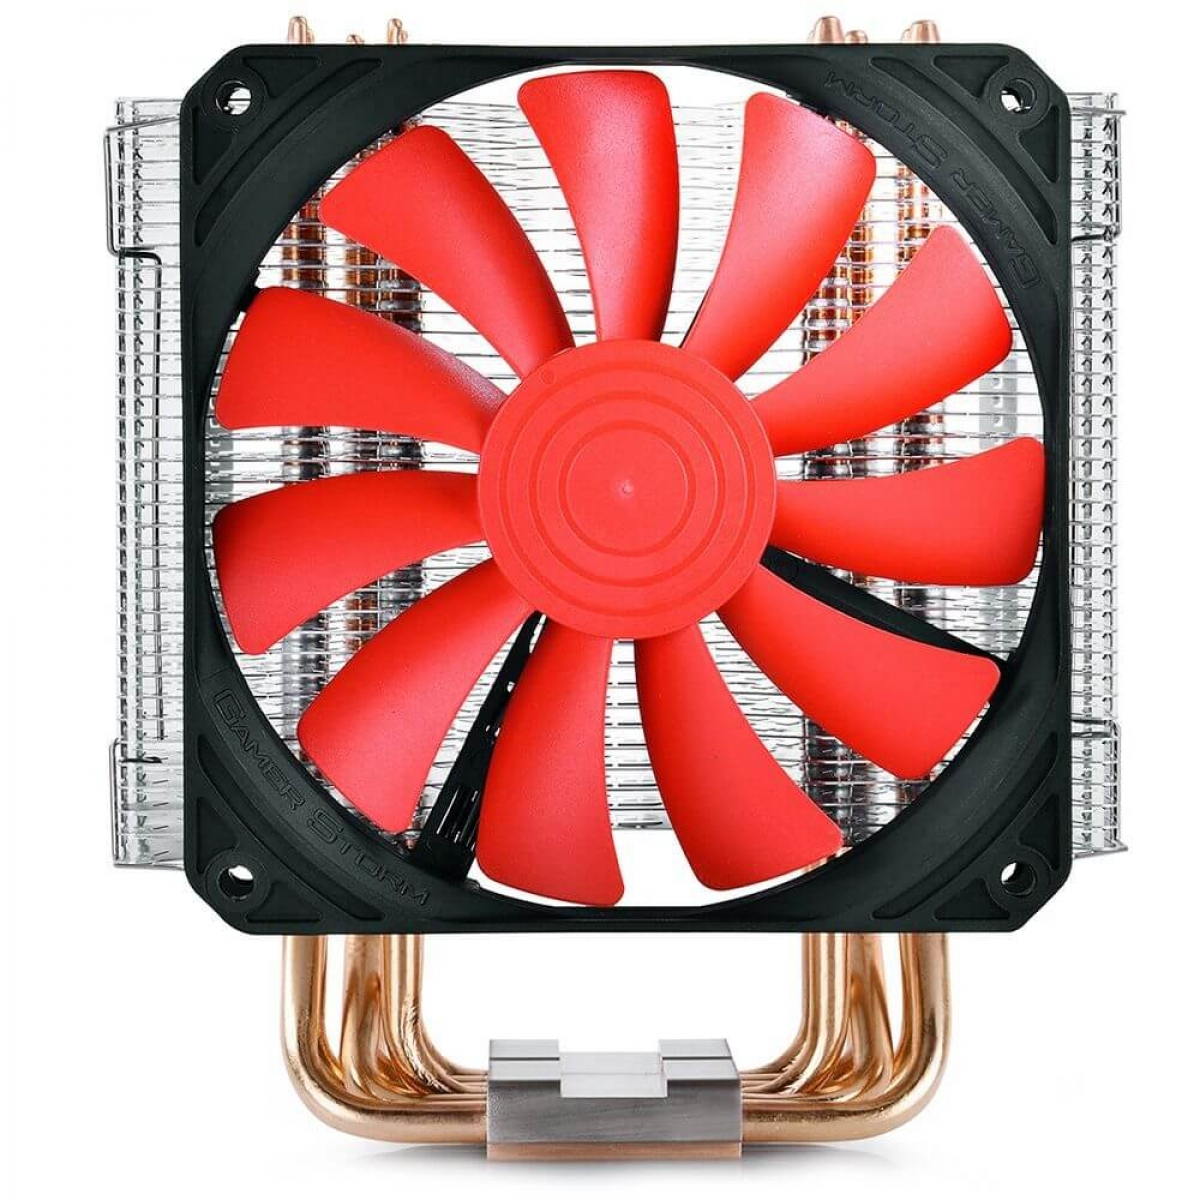 Cooler para Processador DeepCool Lucifer K2, Red 120mm, Inte-AMD, DPGS-MCH6-LCK2